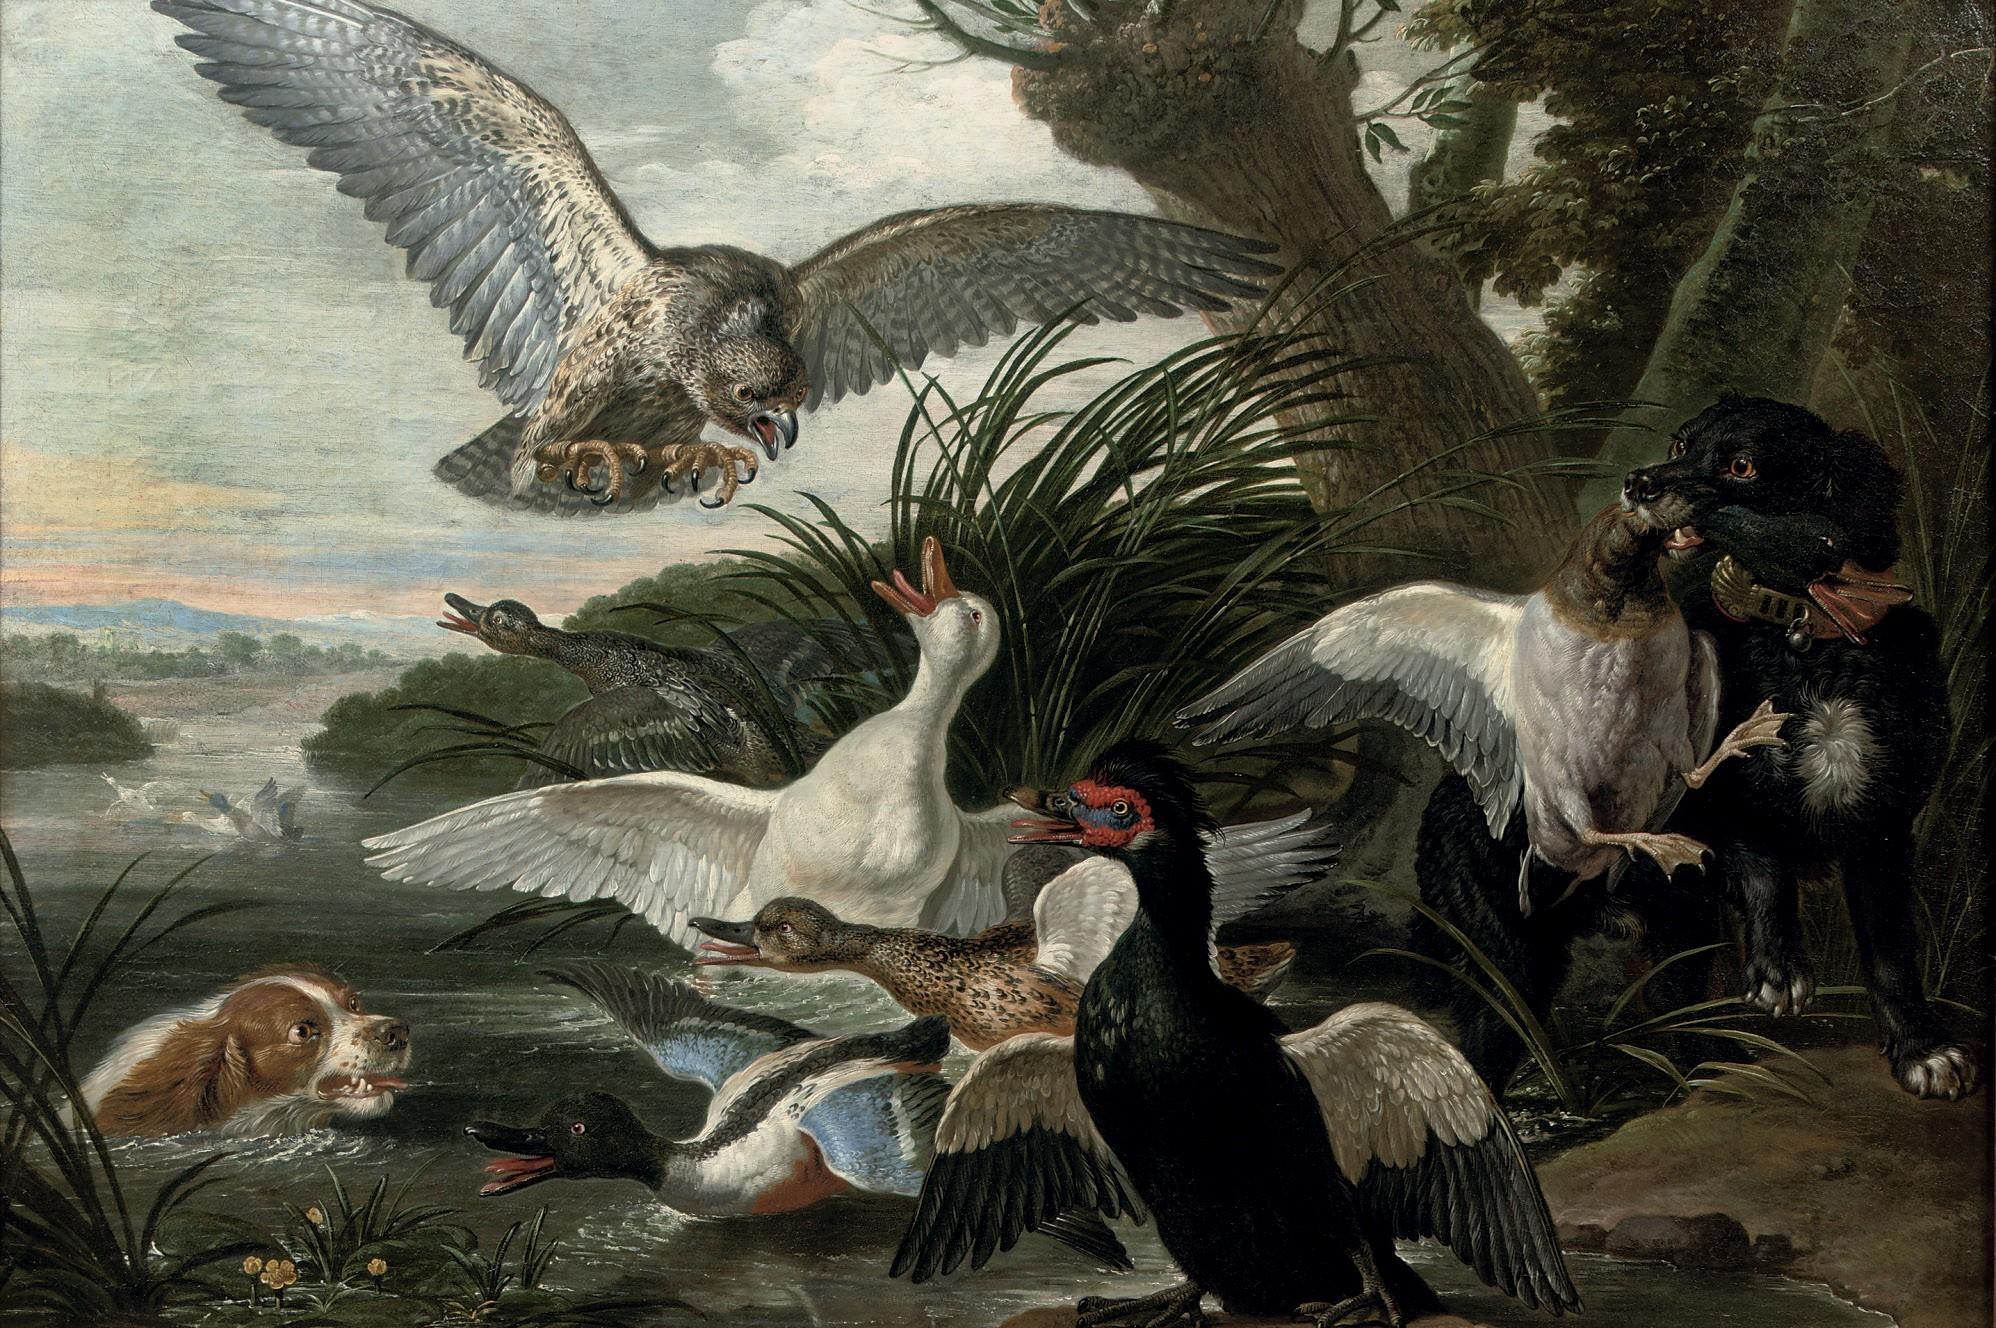 Фламандский живописец David de Coninck (1636-1699). Обсуждение на LiveInternet - Российский Сервис Онлайн-Дневников